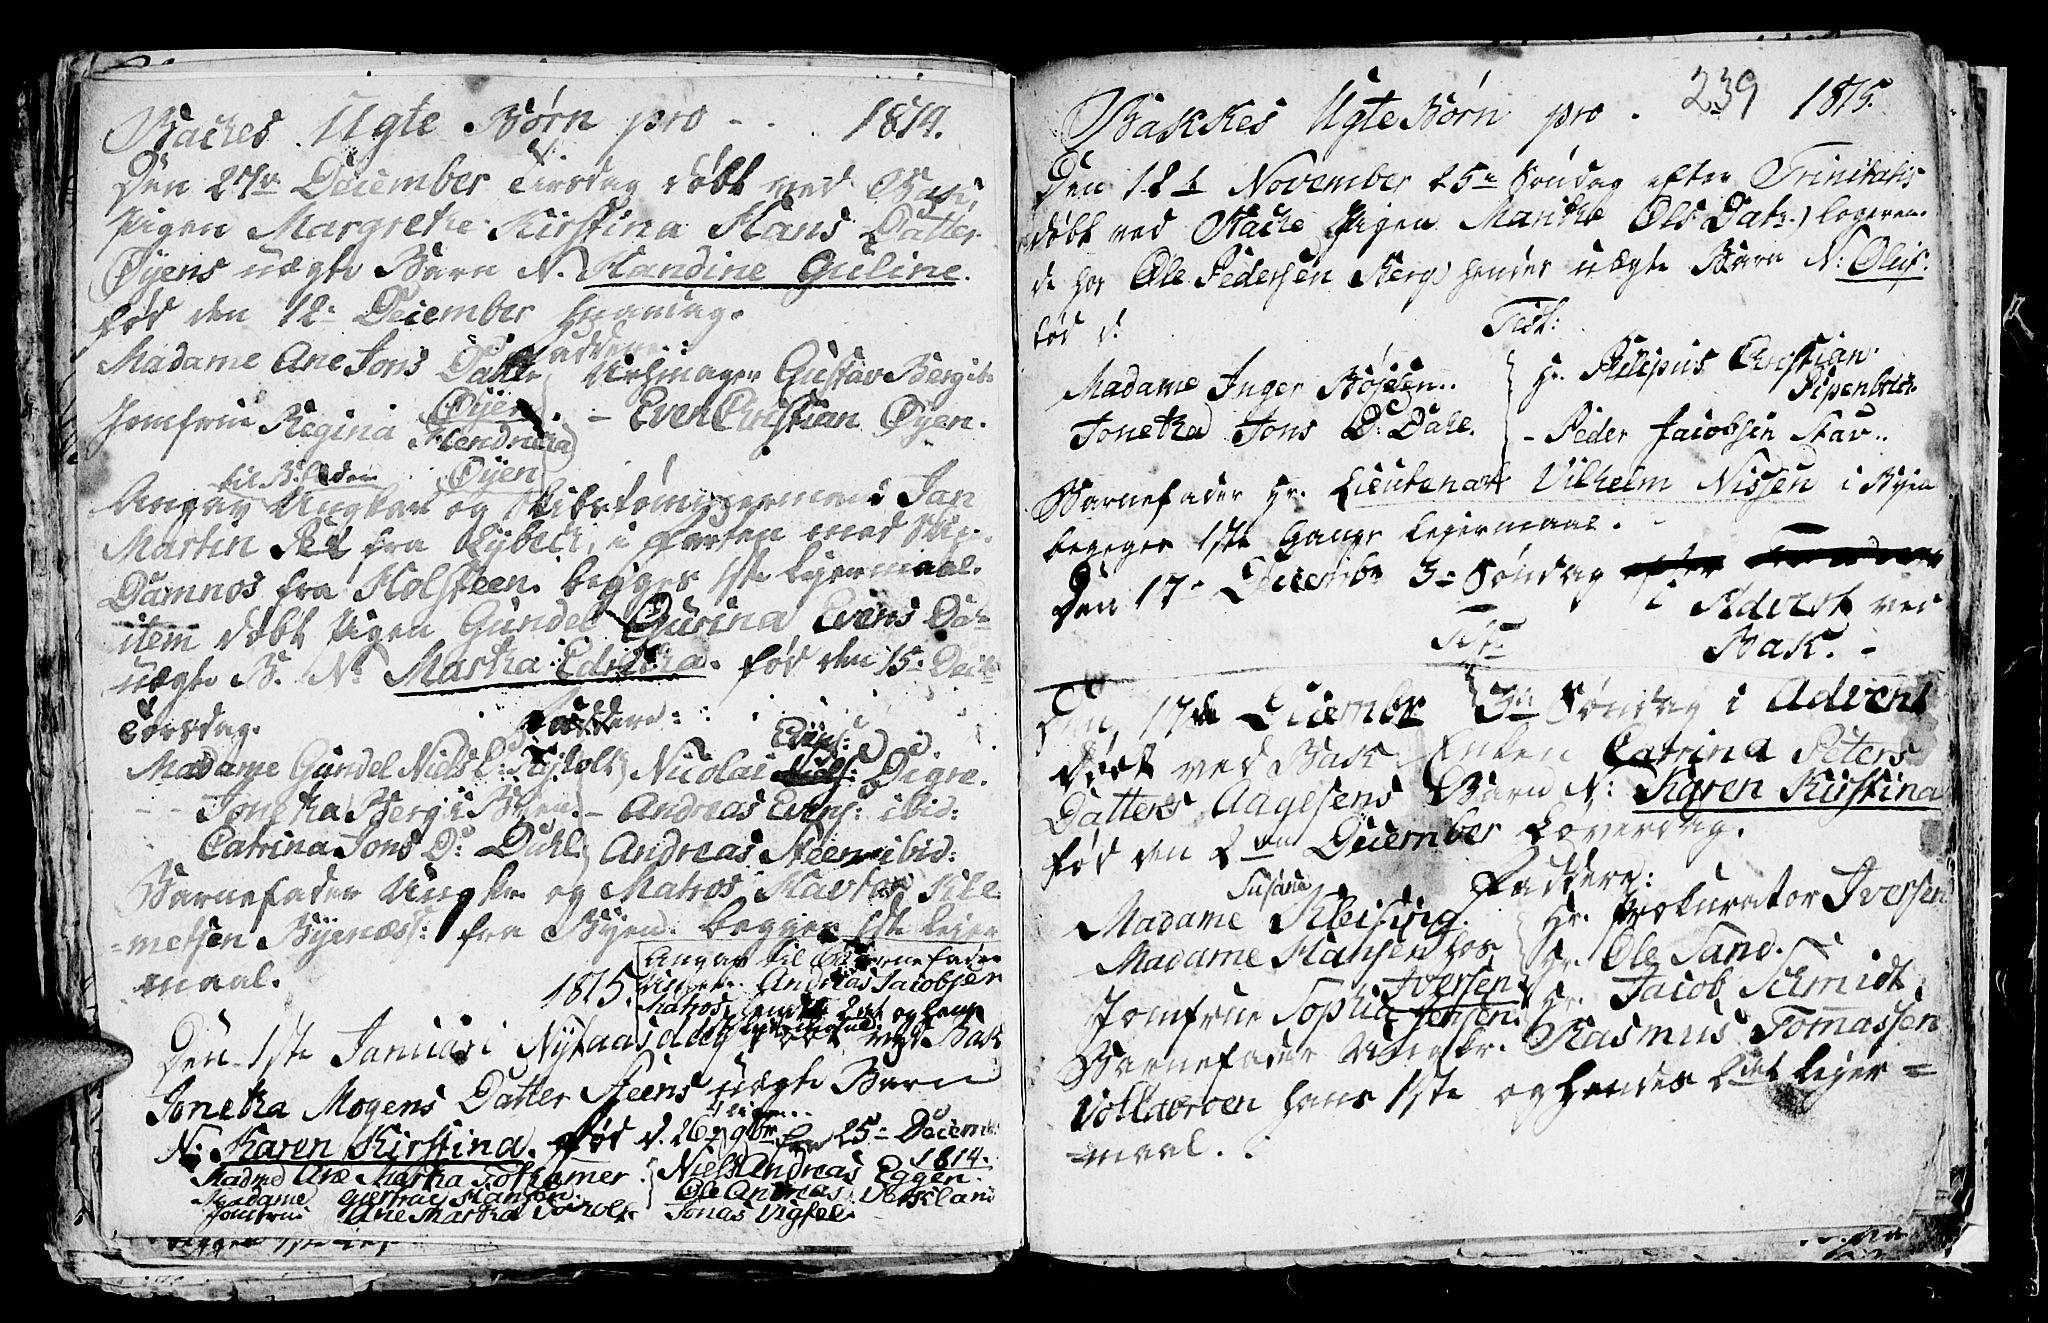 SAT, Ministerialprotokoller, klokkerbøker og fødselsregistre - Sør-Trøndelag, 604/L0218: Klokkerbok nr. 604C01, 1754-1819, s. 239